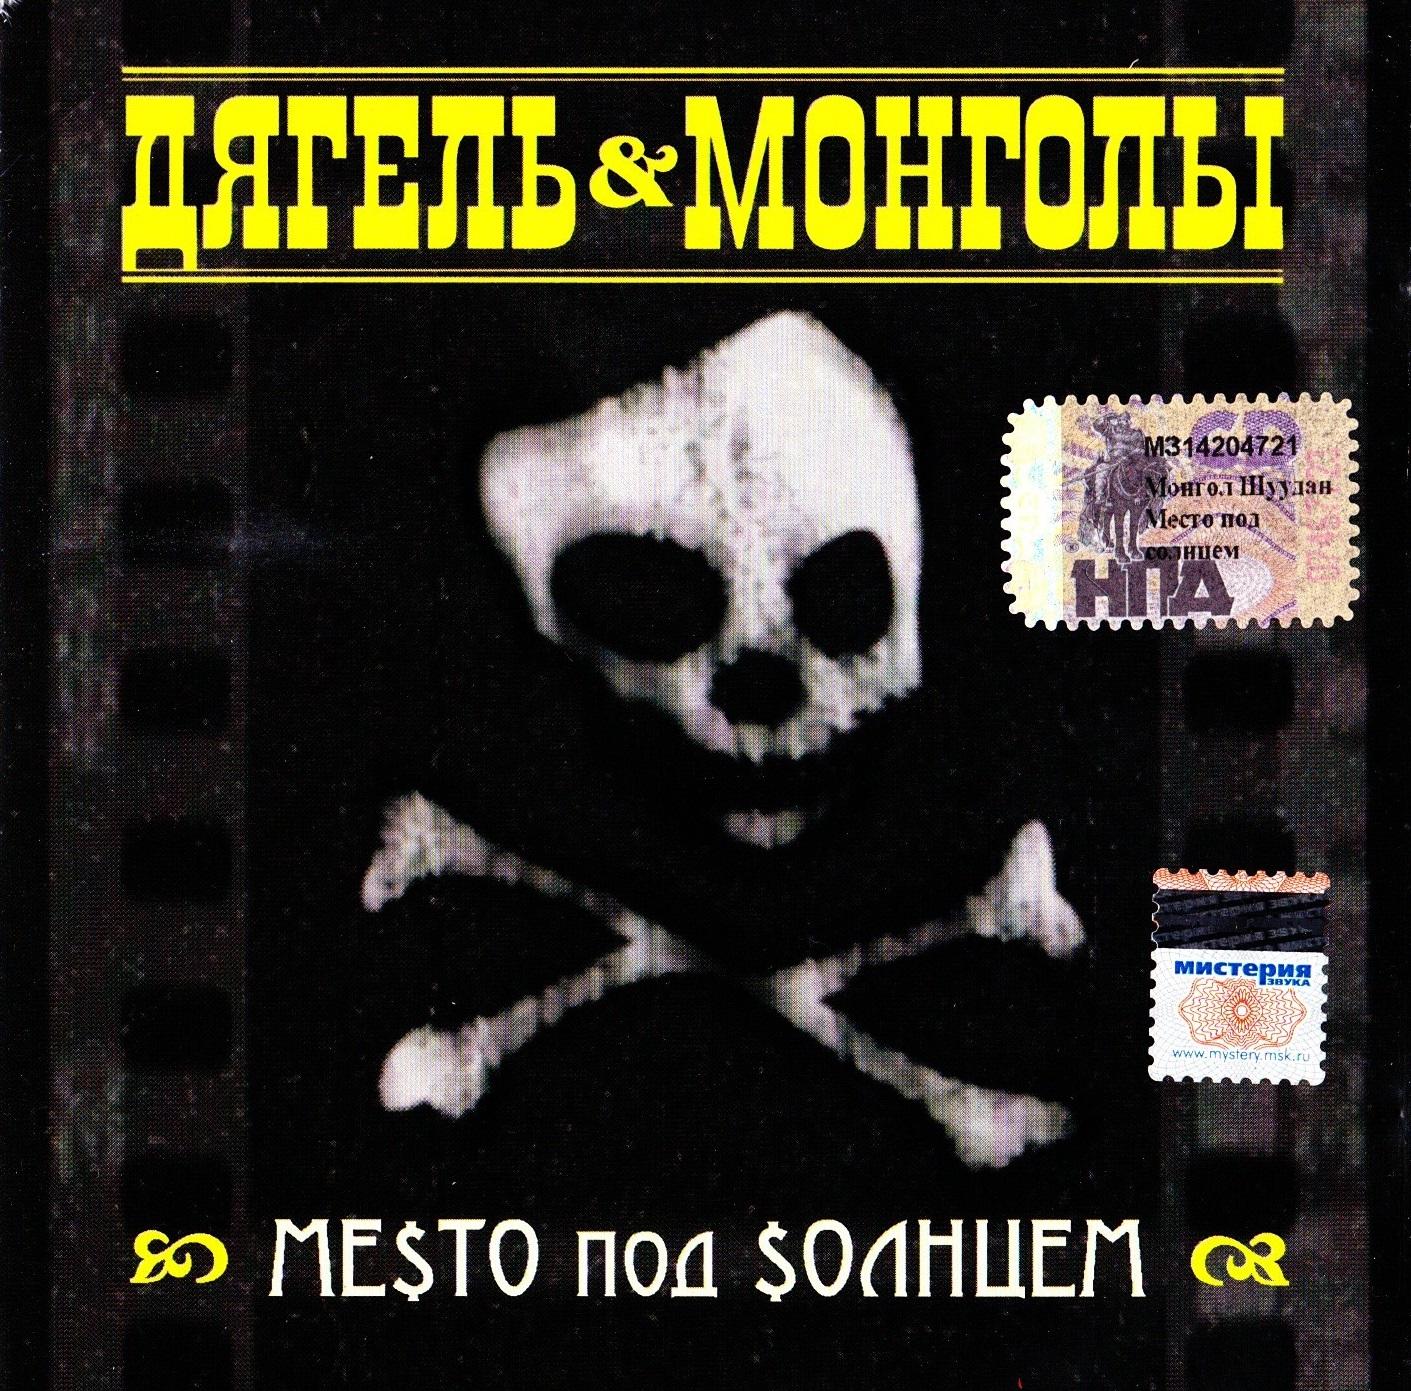 Дягель & Монголы — Место Под Солнцем (2005)